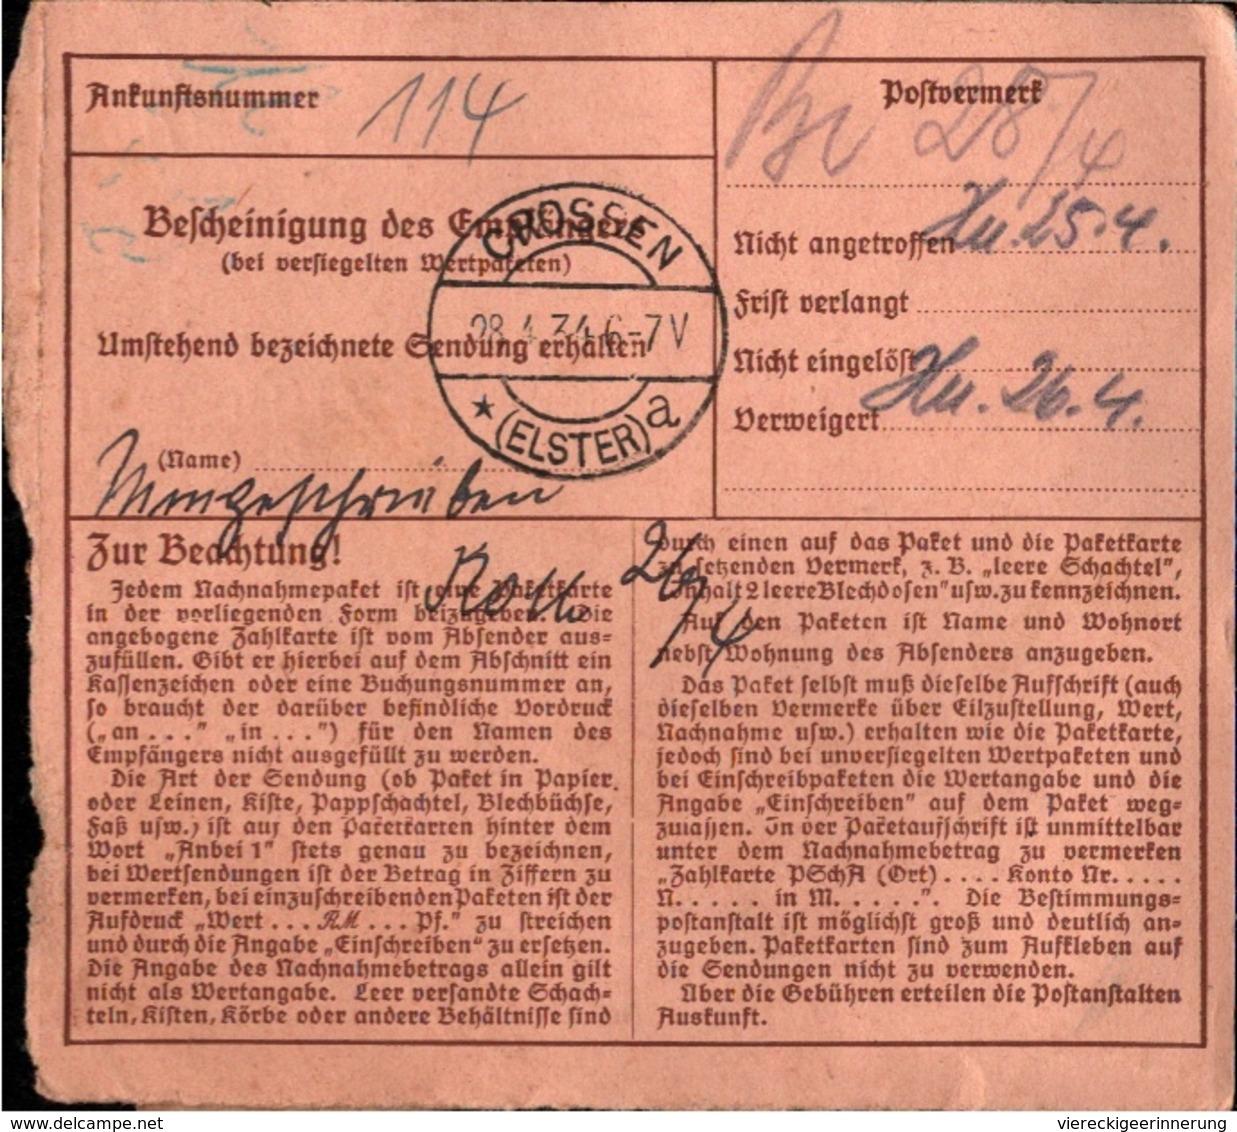 ! 1934 Paketkarte Deutsches Reich, Nachnahme, Zurück, Crossen An Der Elster, Reichenbach Vogtland - Briefe U. Dokumente